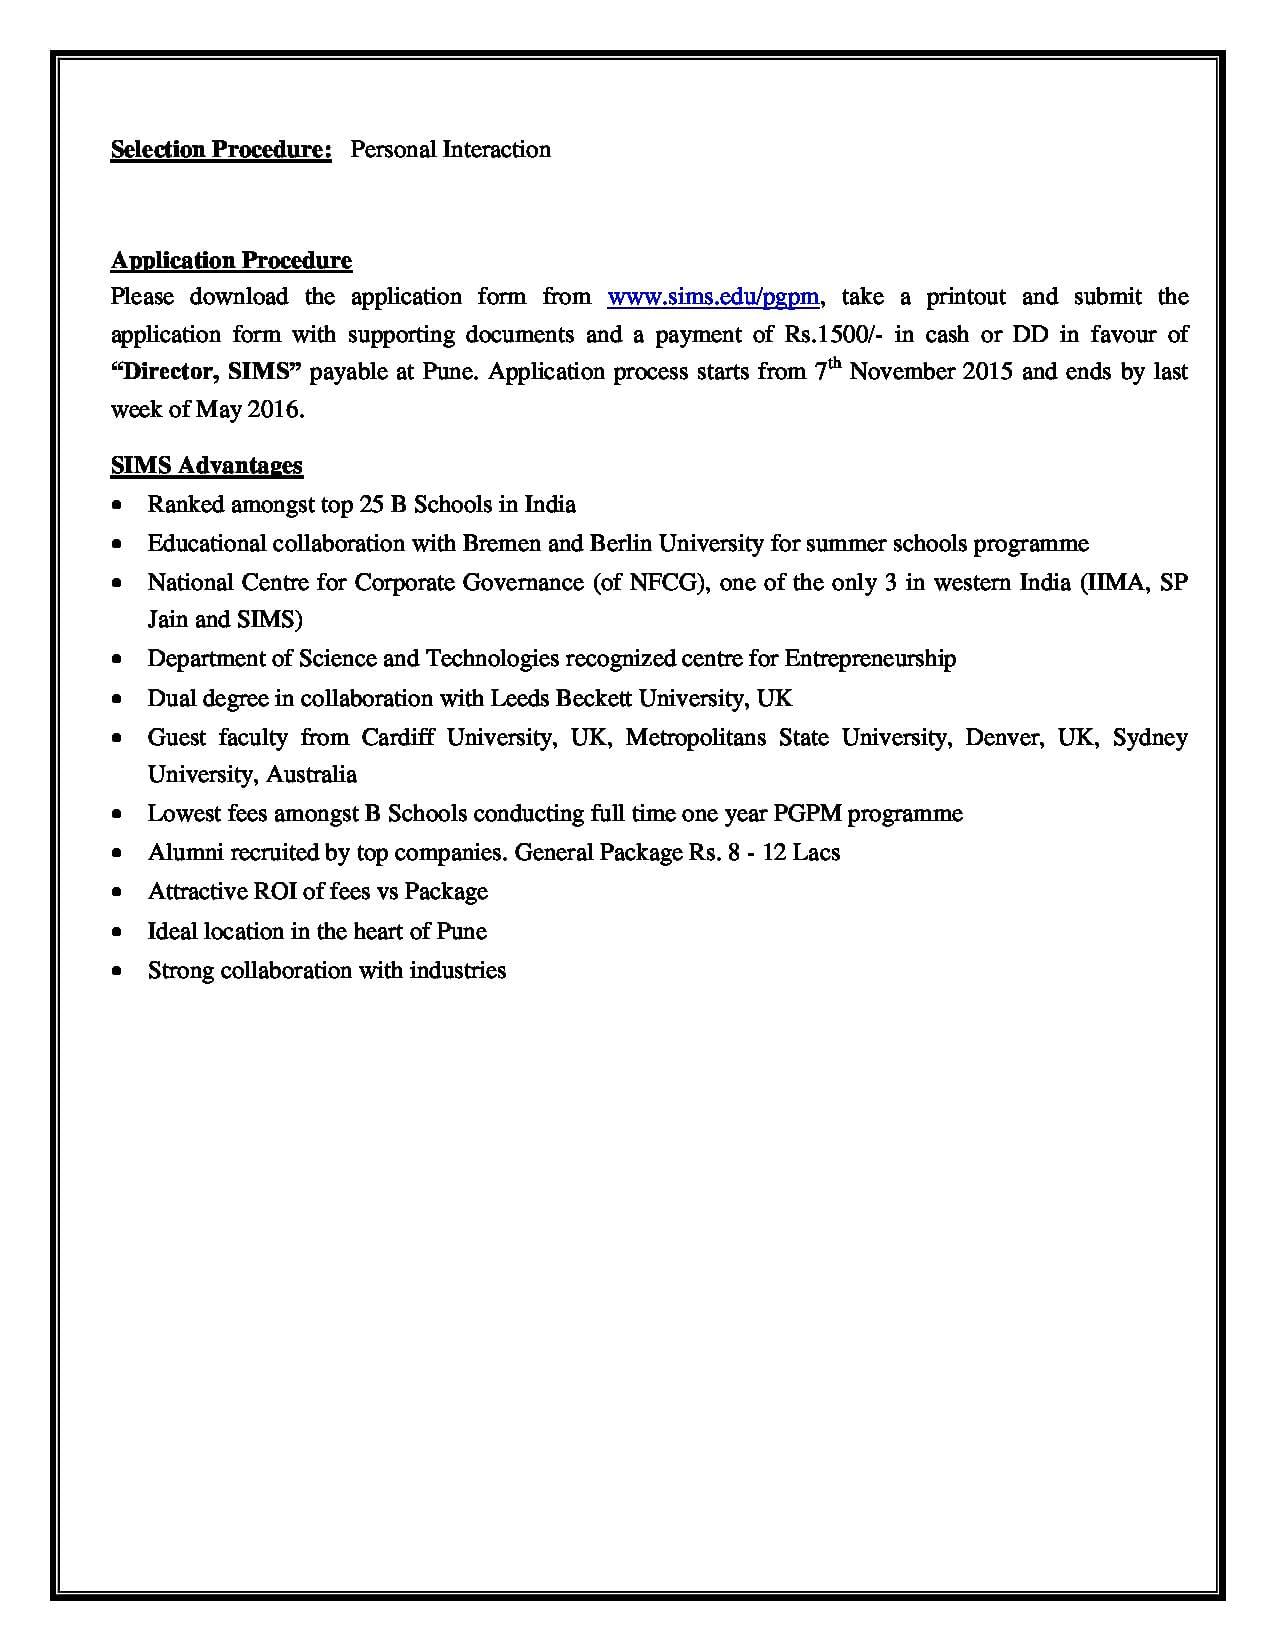 Symbiosis Institute of Management Studies - [SIMS], Pune ...